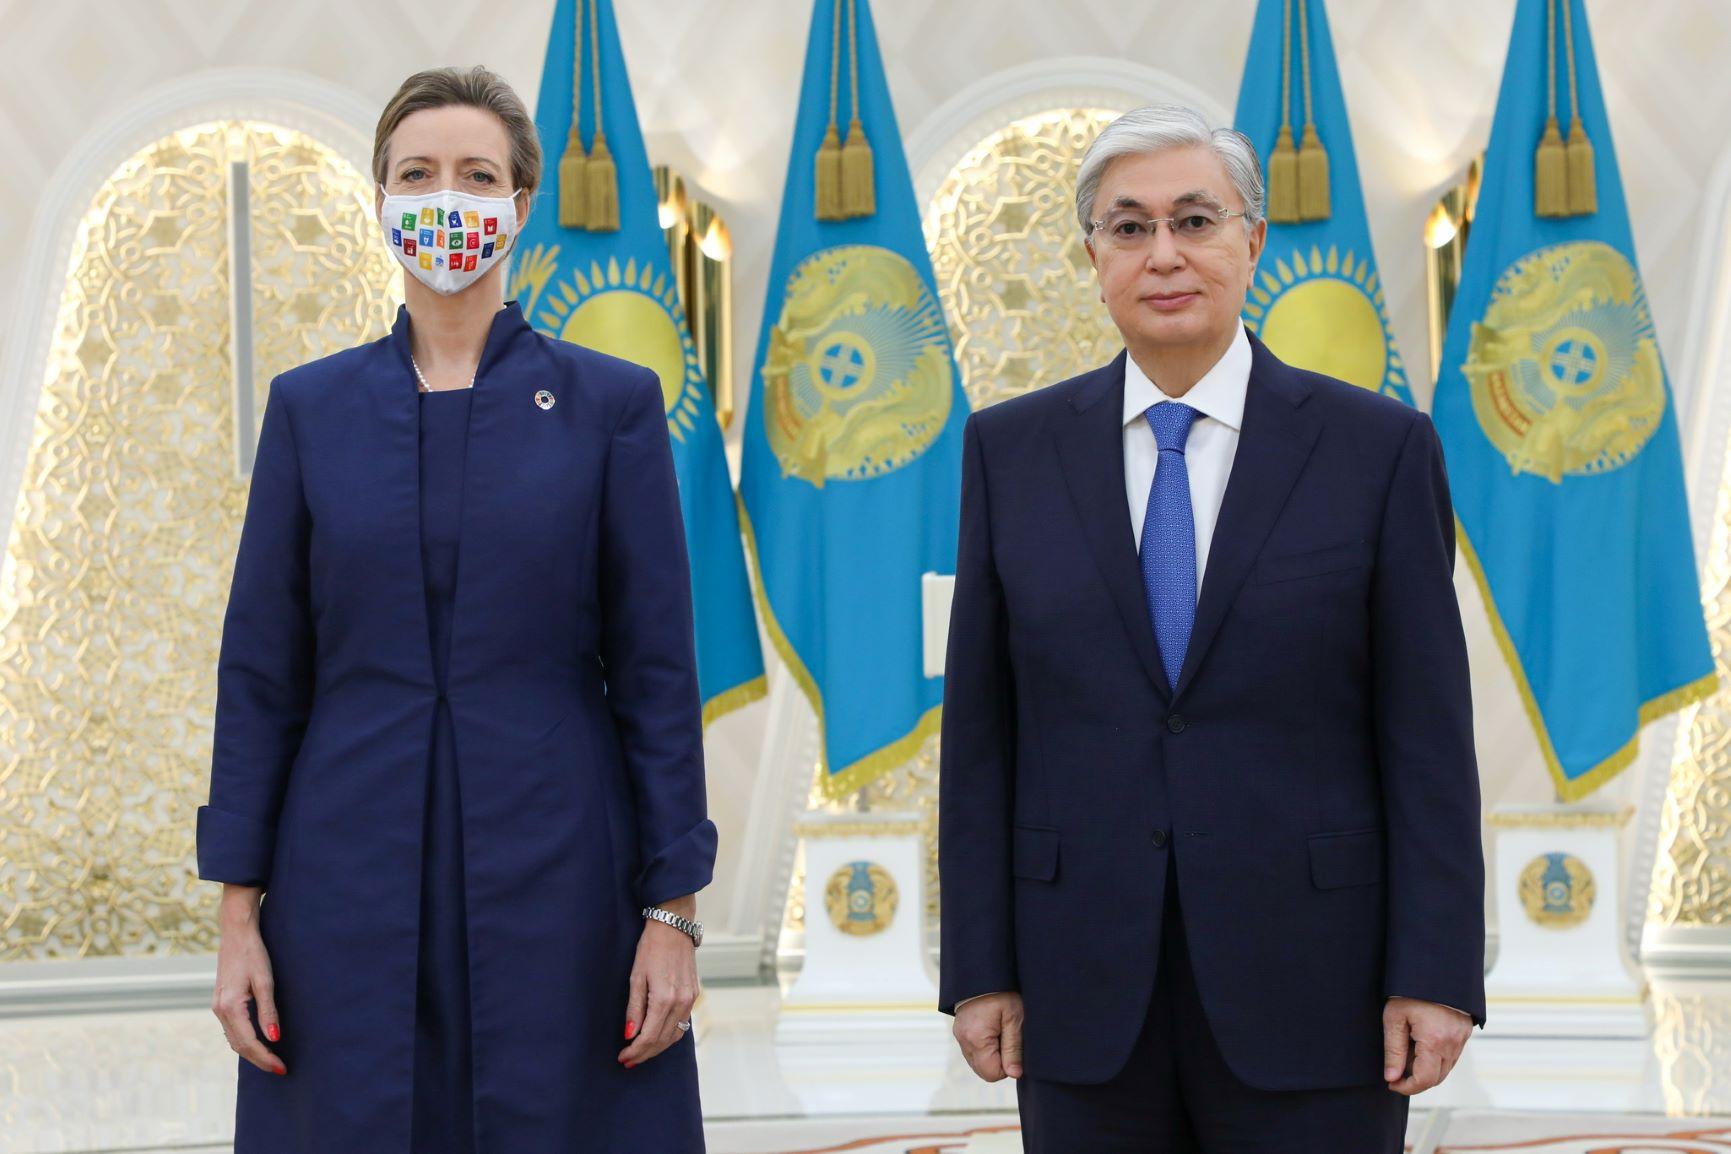 Новый Постоянный координатор ООН в Республике Казахстан Микаэла Фриберг-Стори вручила верительные грамоты Президенту Касым-Жомарту Токаеву